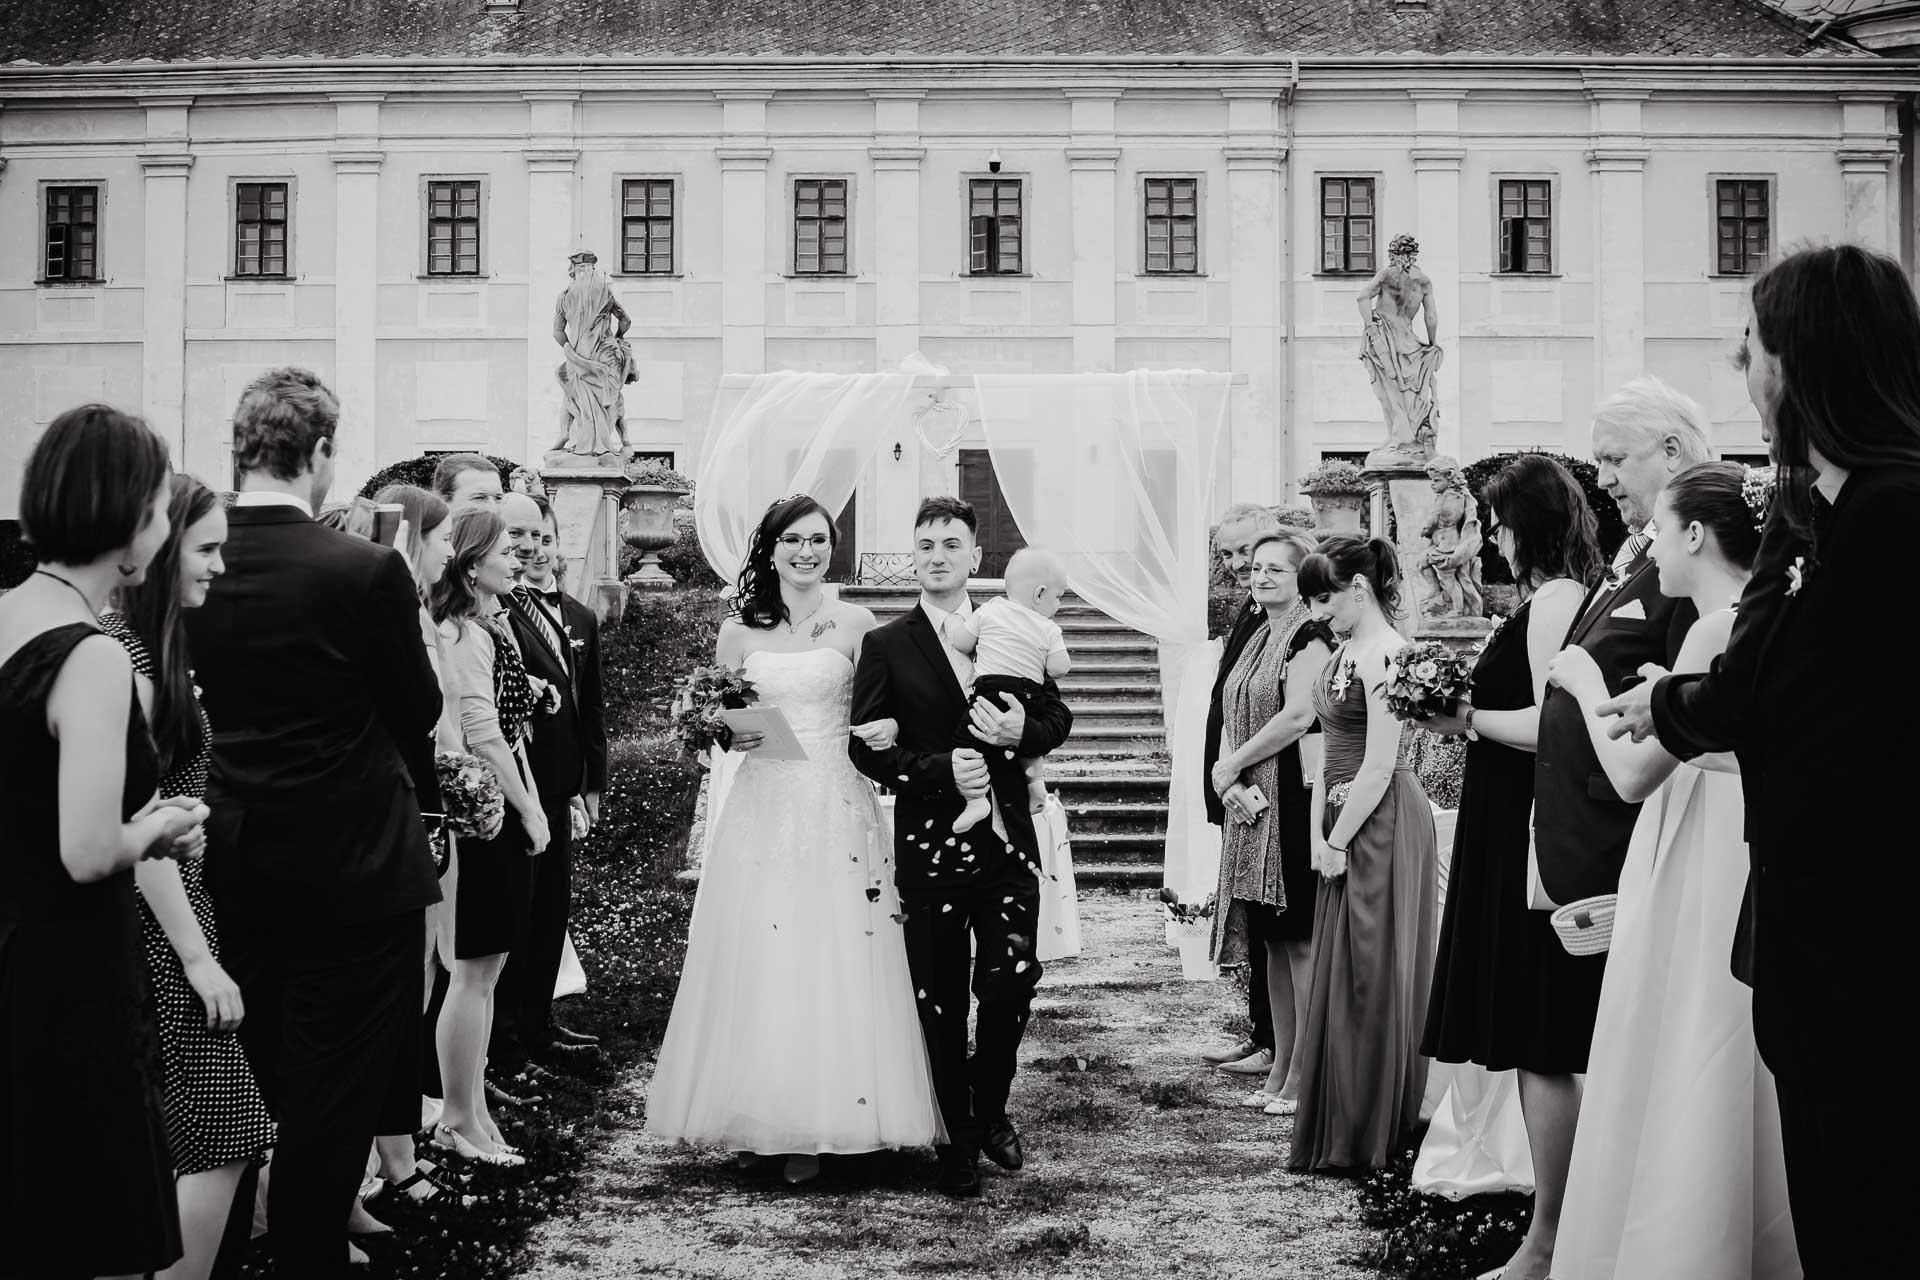 příprava-svatebního-obřadu-Lysá-nad-Labem-svatební-agentura-Svatbavenku-7292